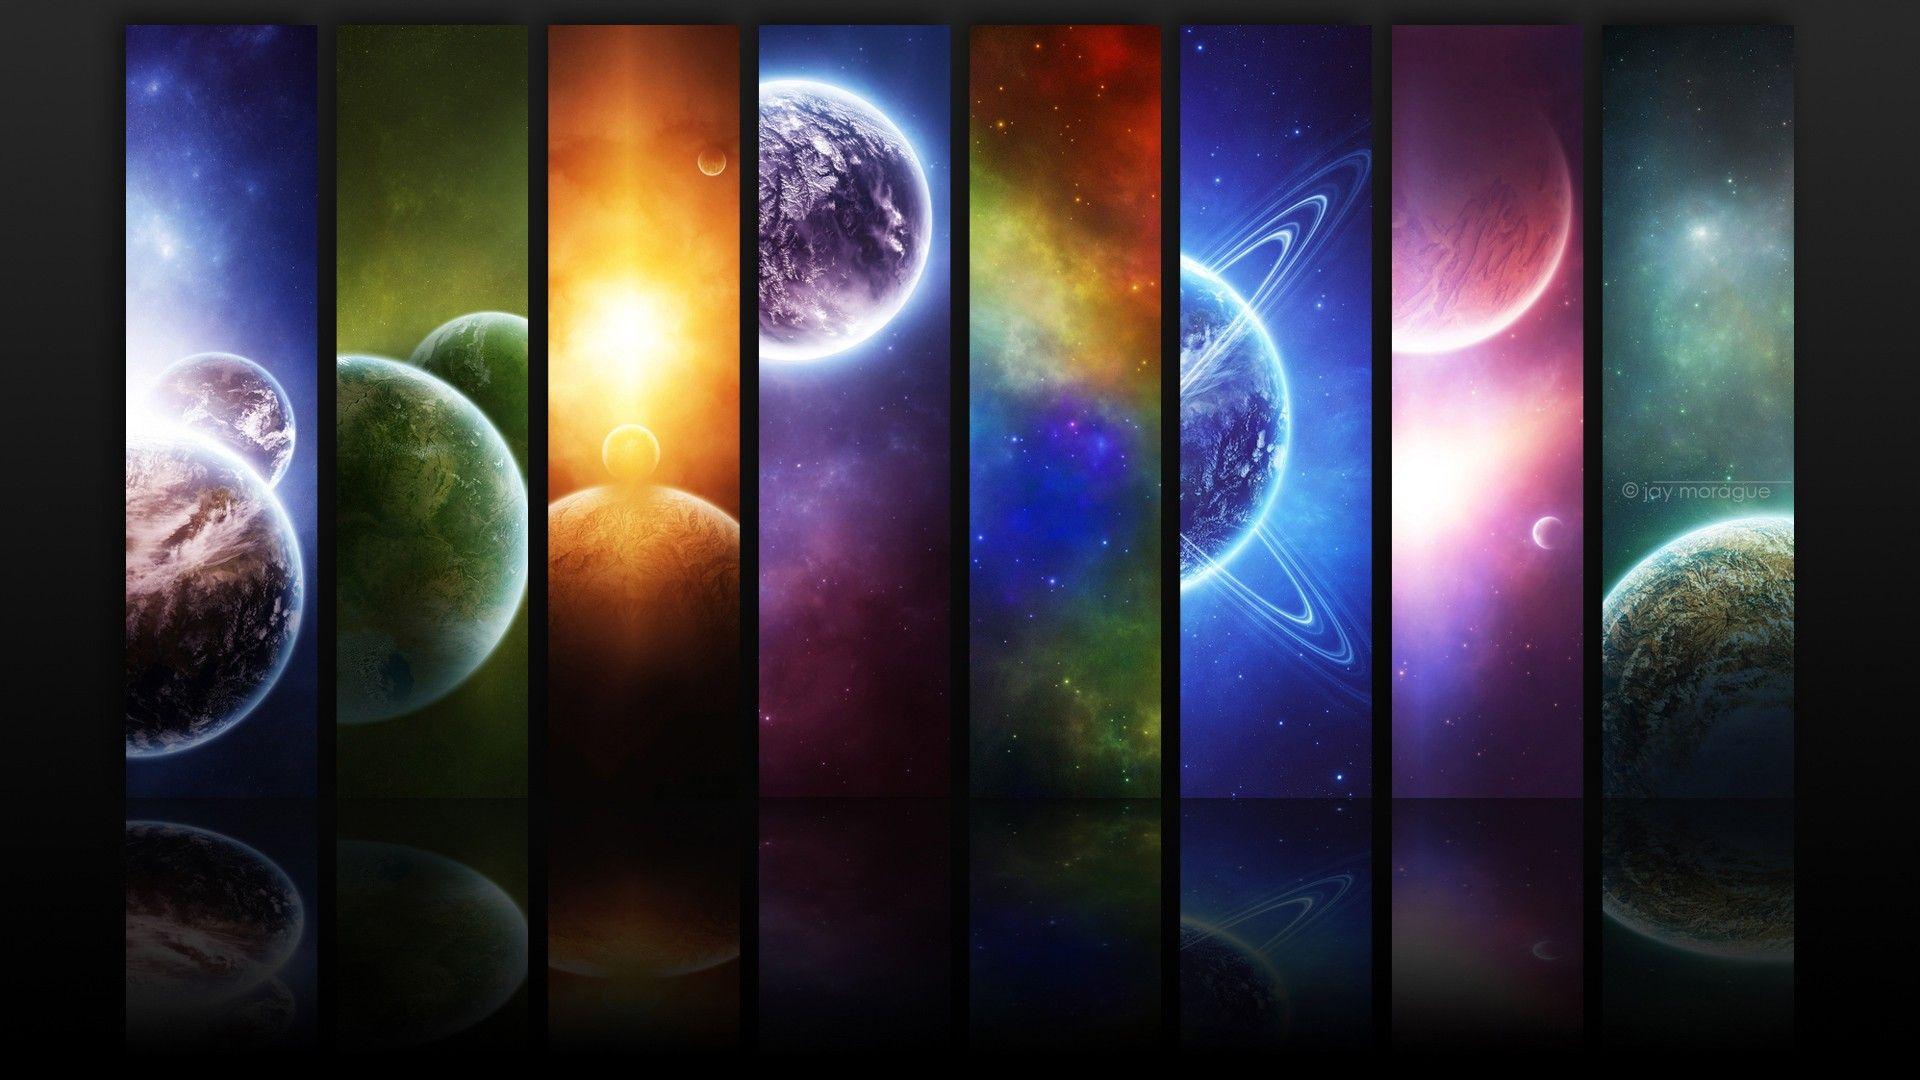 solar system digital art hd desktop wallpaper planet wallpaper digital art no